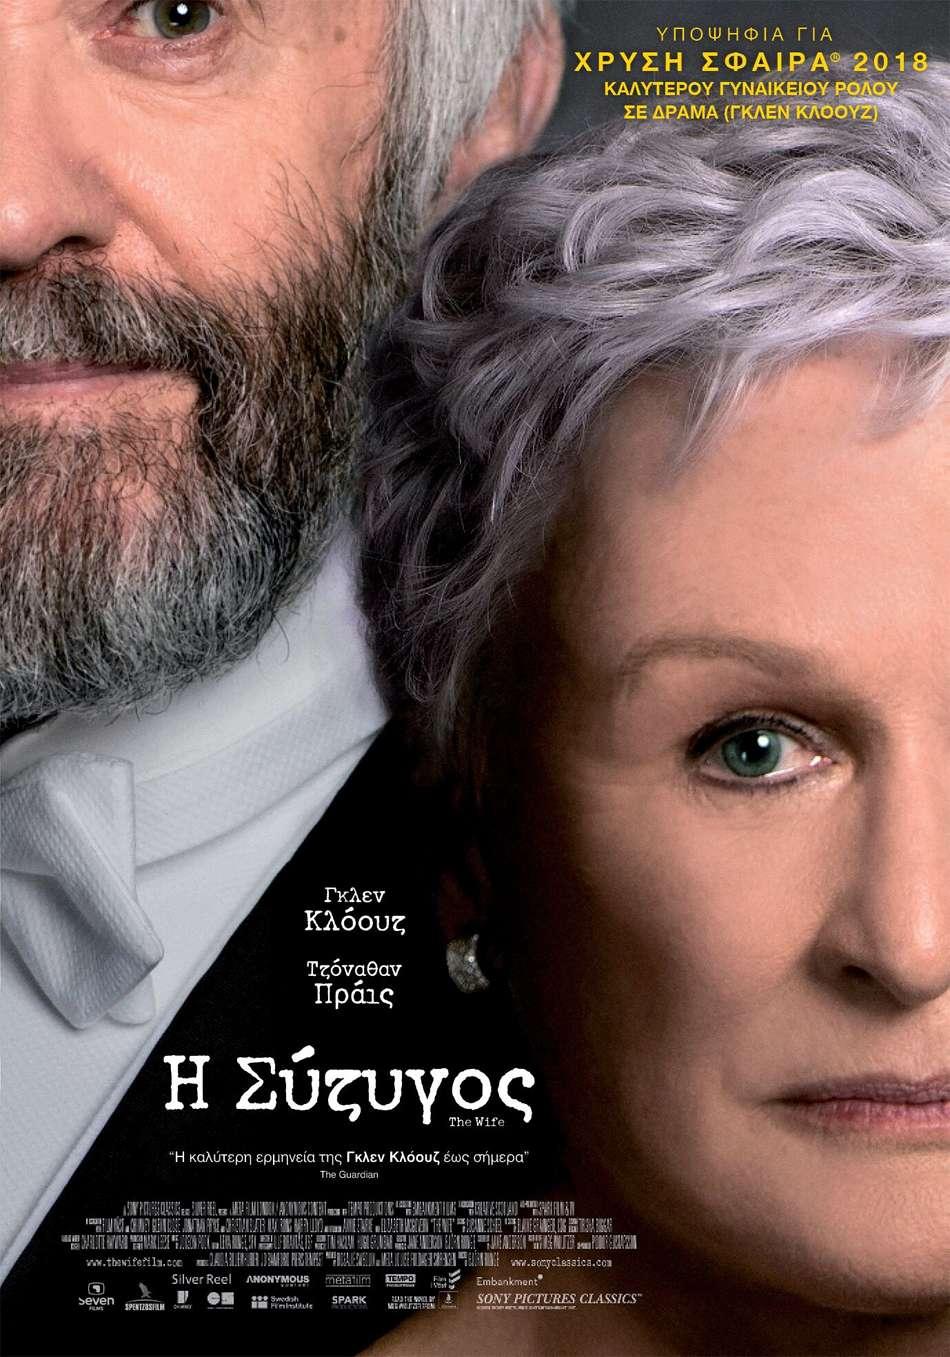 Η Σύζυγος (The Wife) Poster